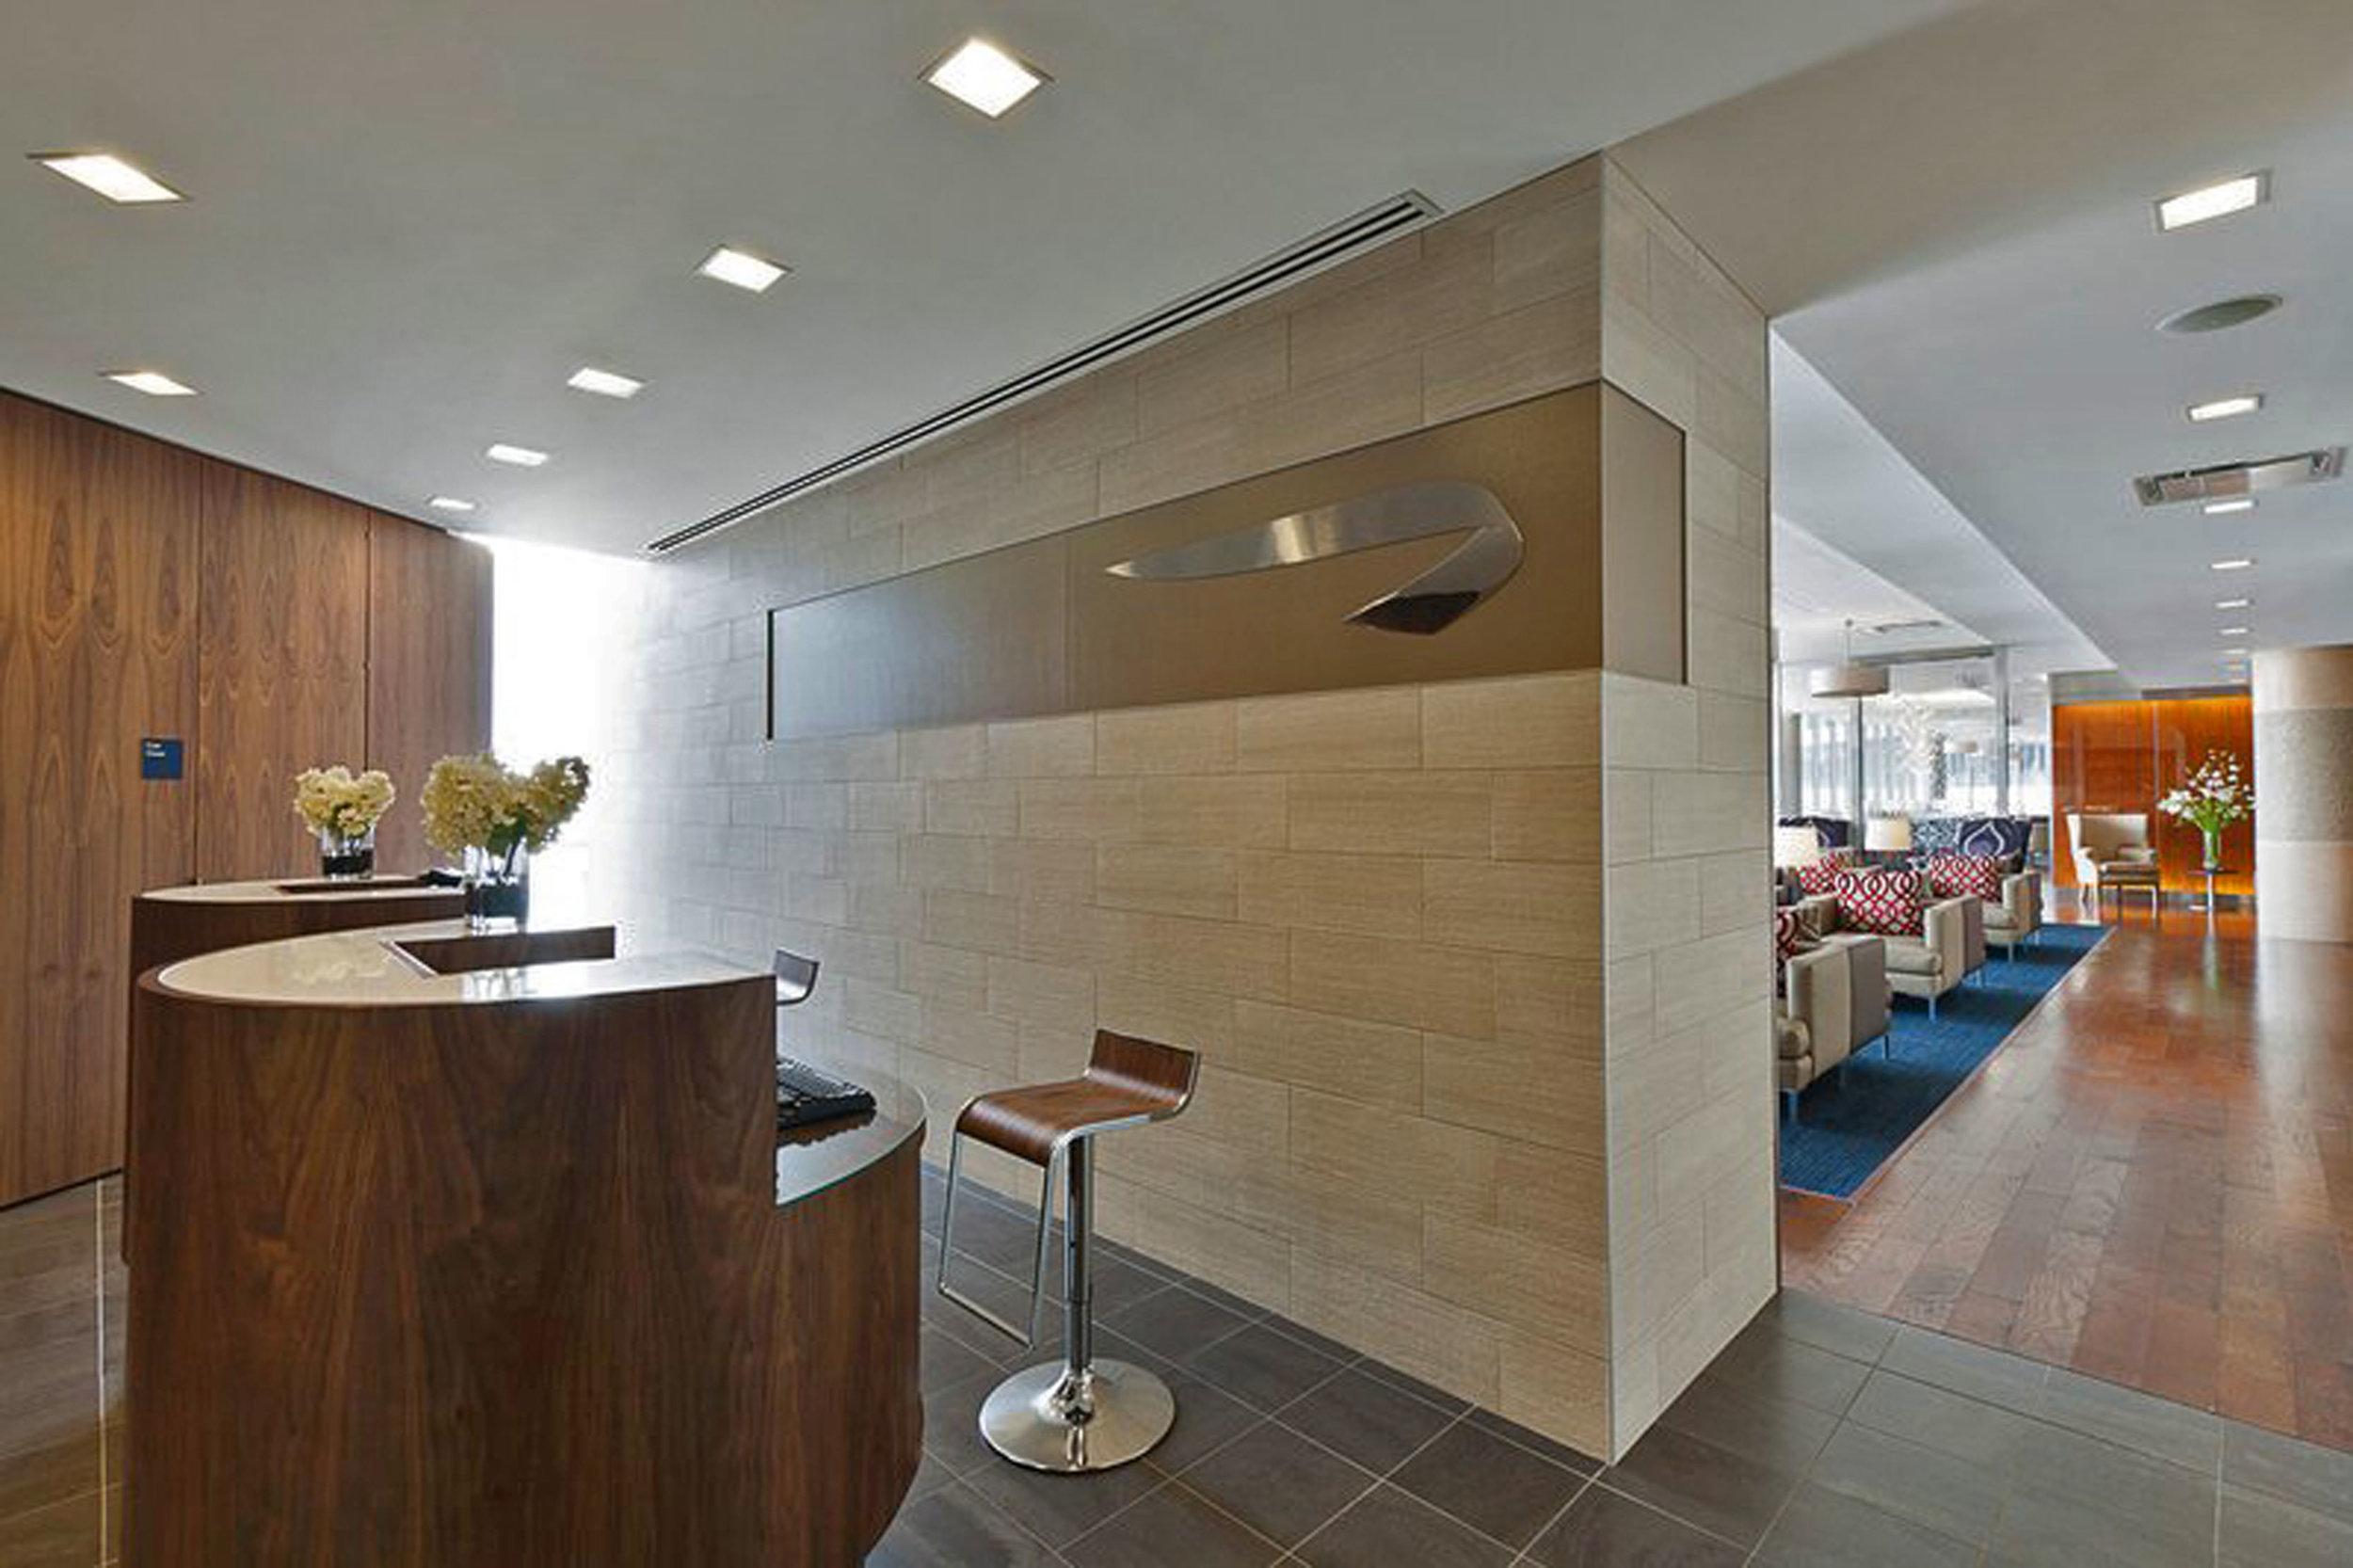 SENTIENT Furniture for British Airways Newark Airport First Class Lounge